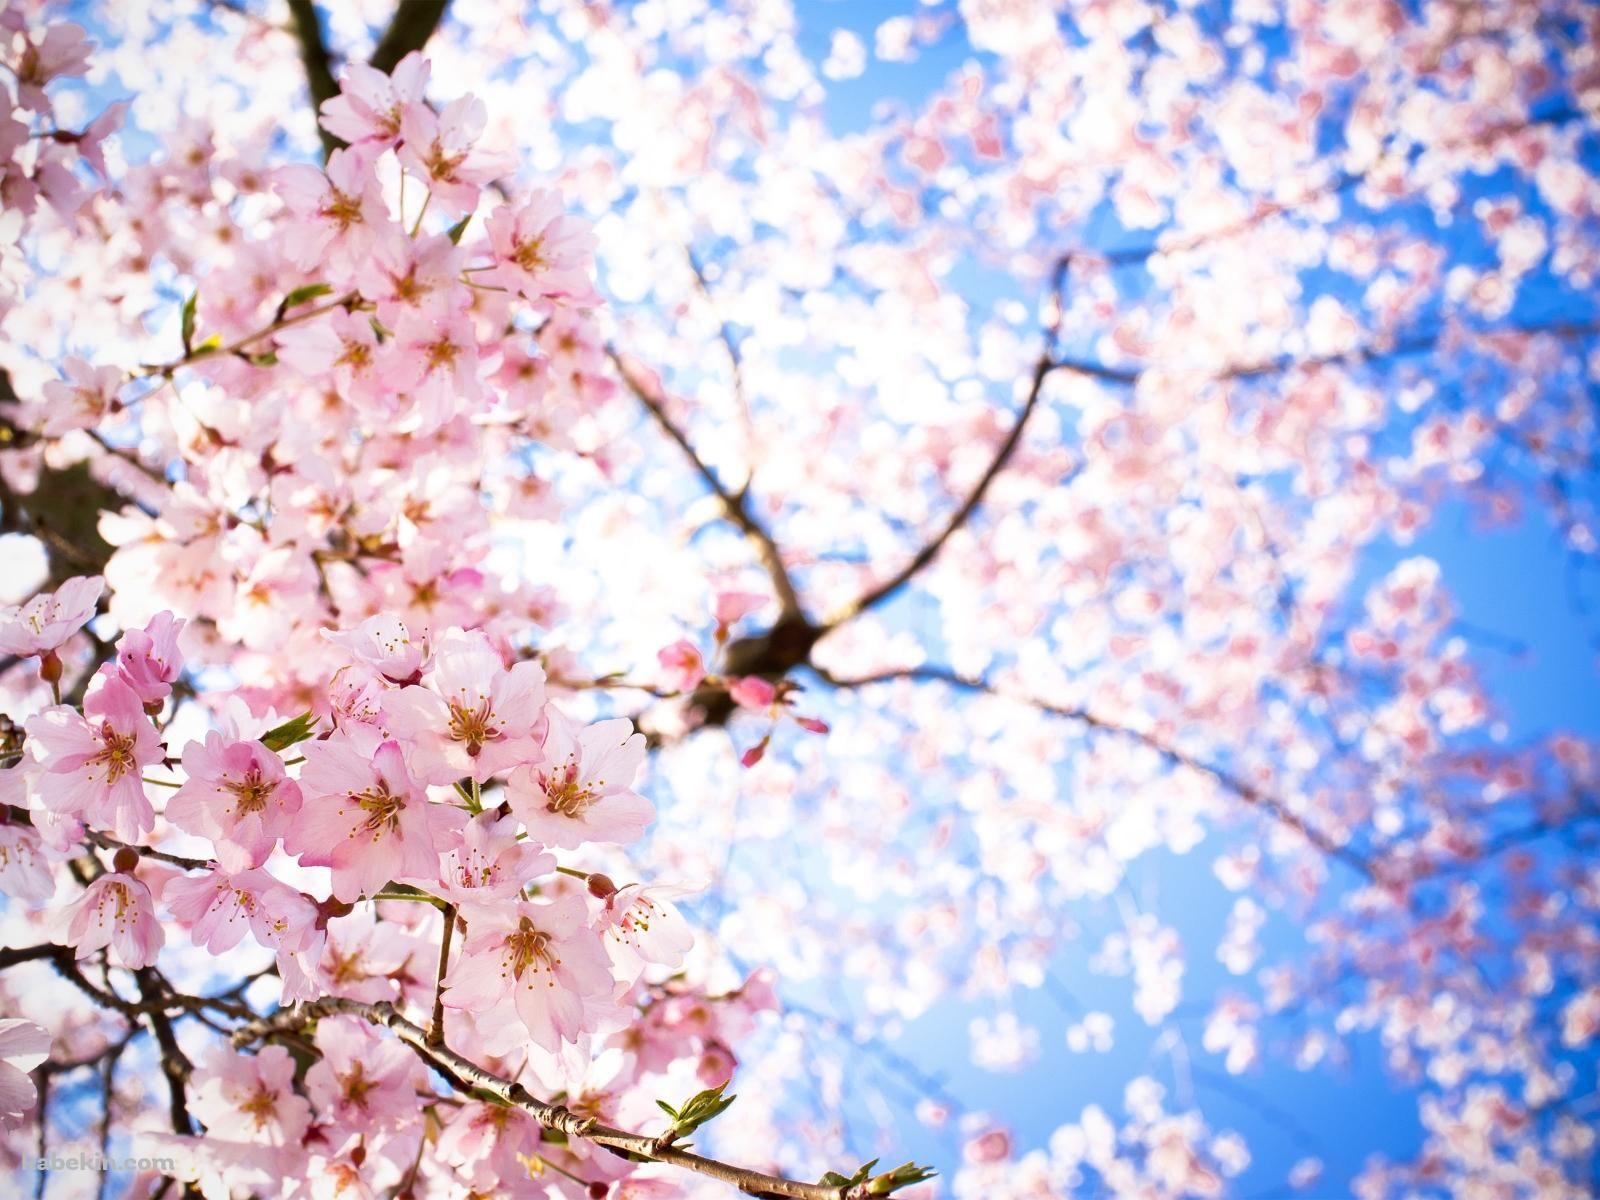 青空 下から見上げた桜の壁紙 桜の壁紙 風景 風景写真